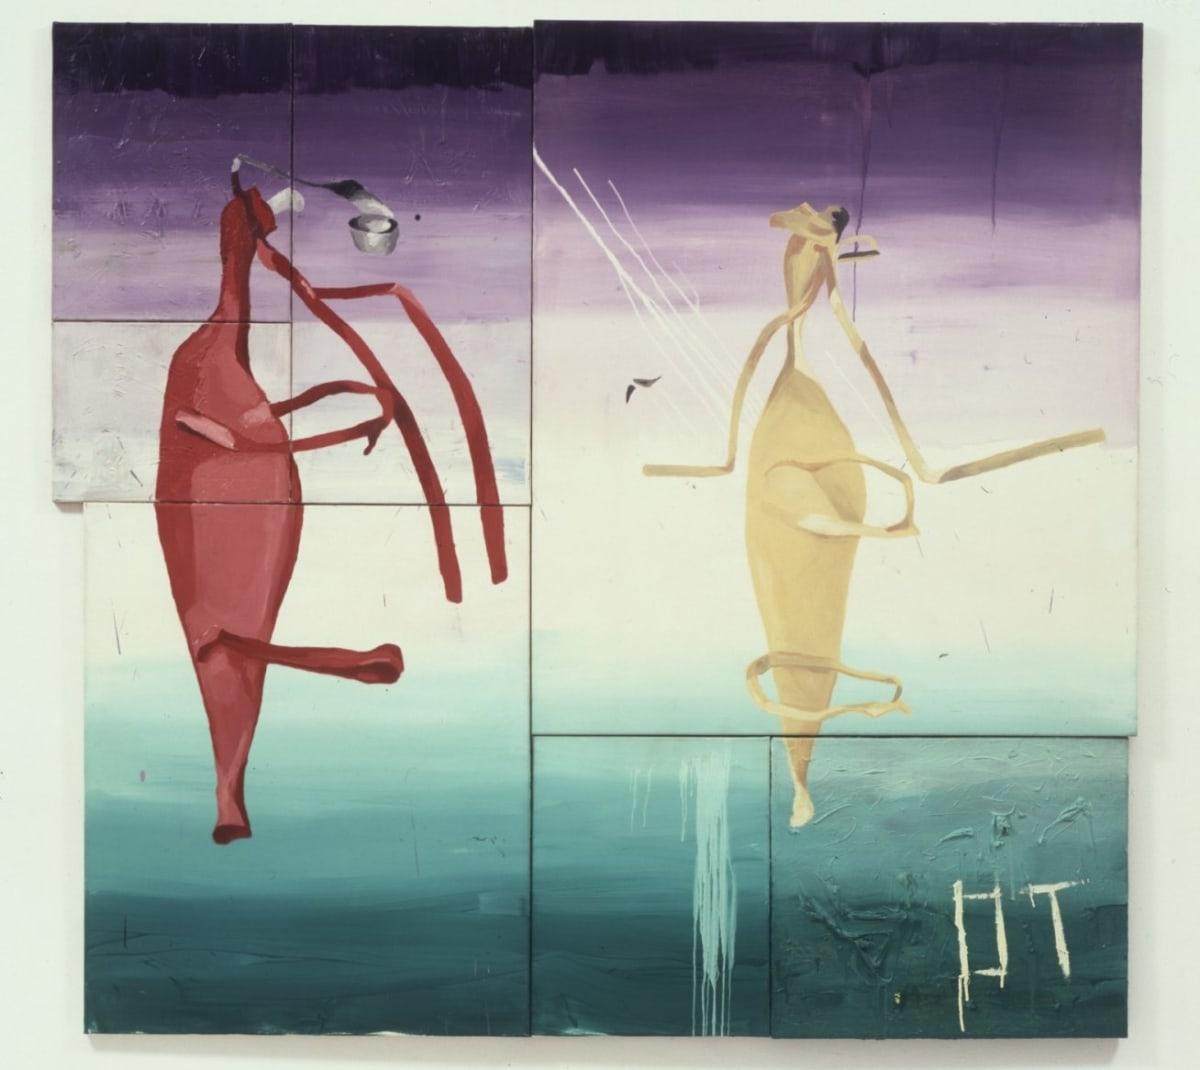 Martin KIPPENBERGER Untitled (Floating Figures),1982